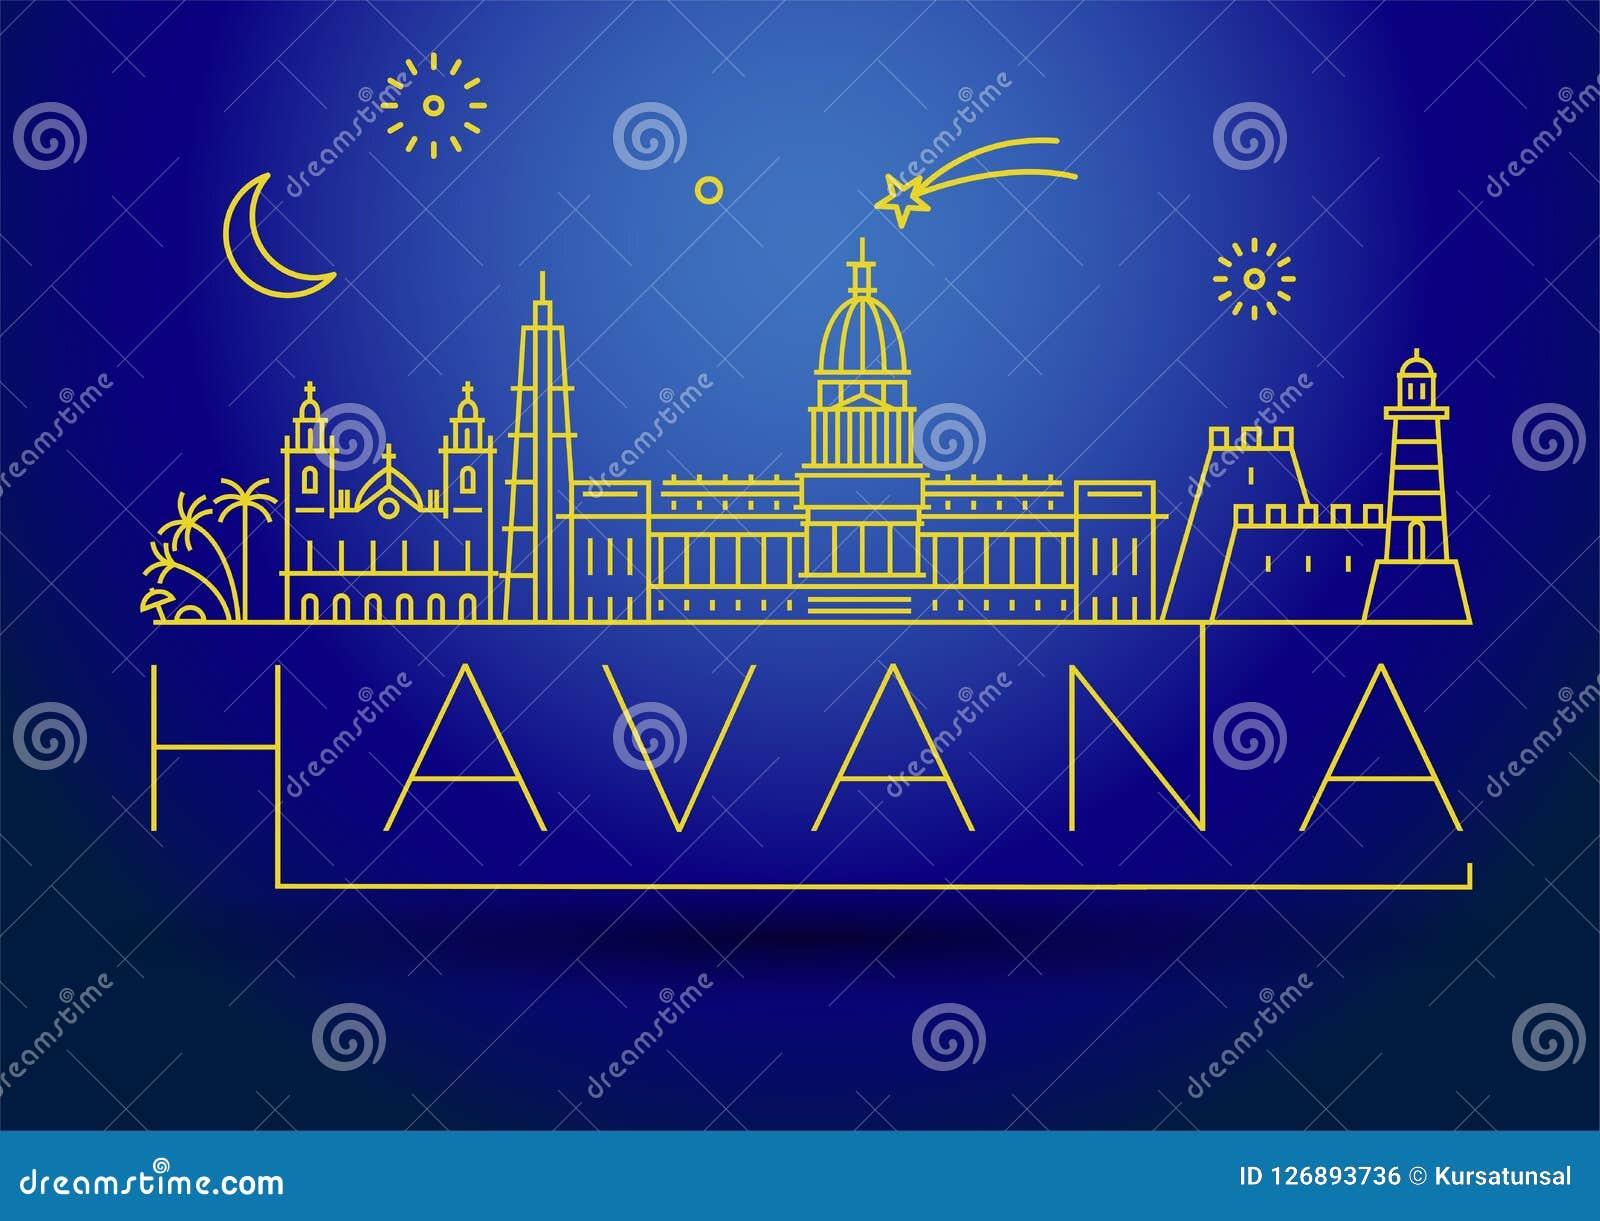 Minimale Havana City Linear Skyline mit typografischem Entwurf